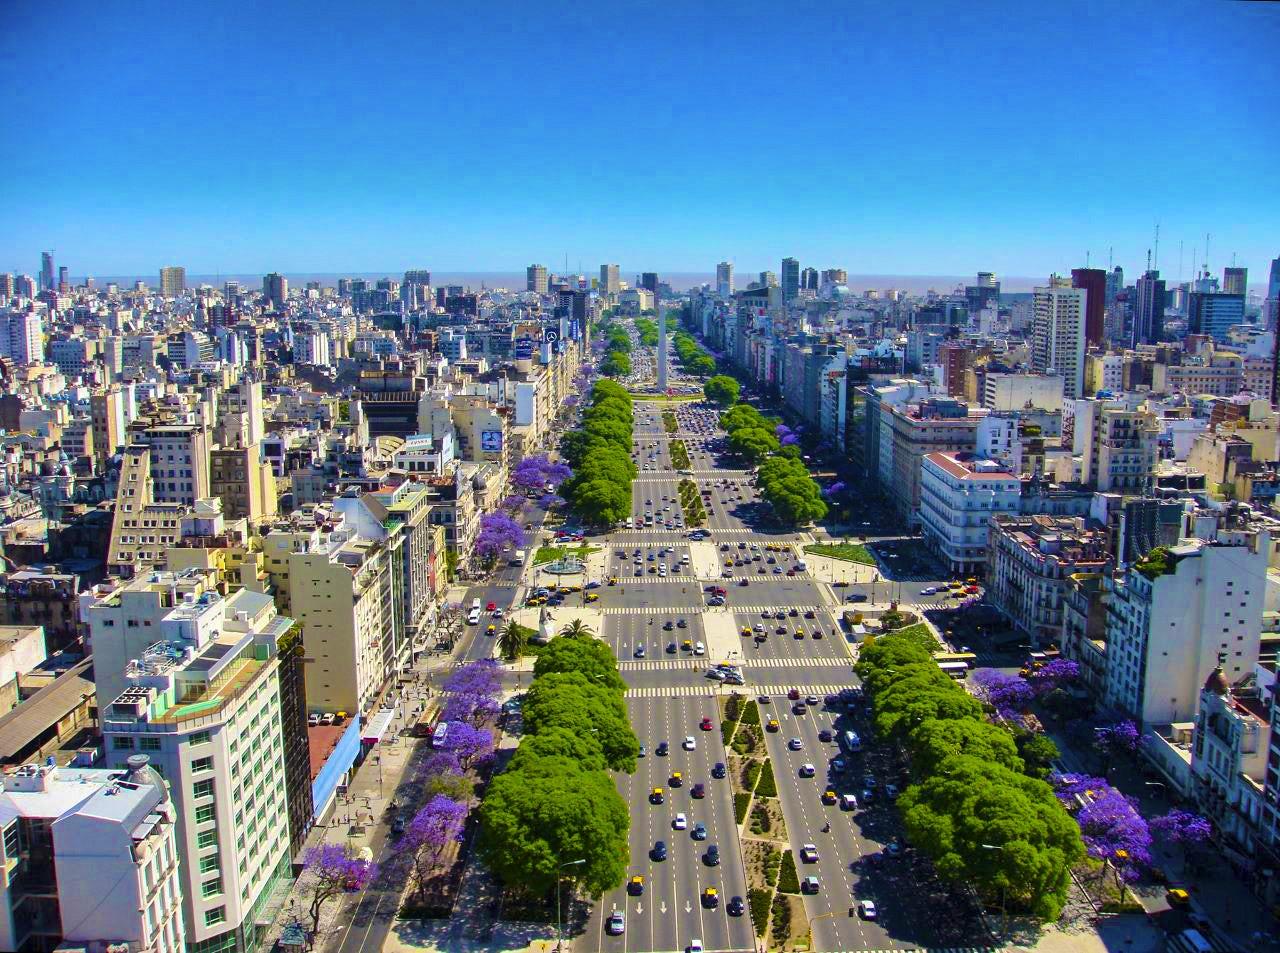 Ushuaia - Buenos Aires